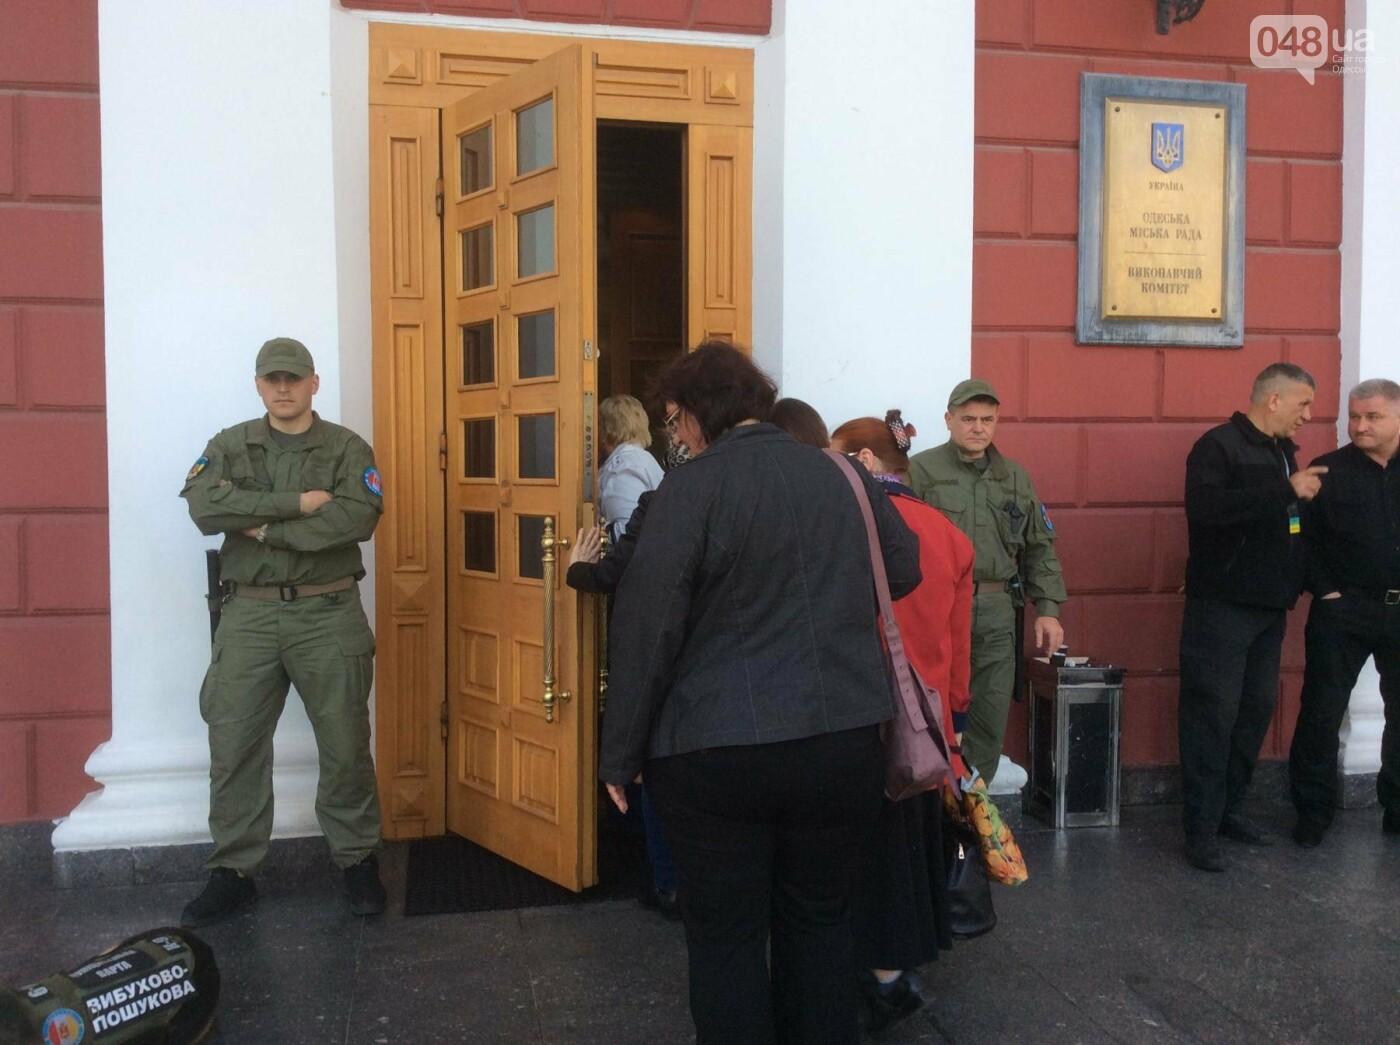 Массовка из «Трухановских бабушек» прибыла в мэрию в 8 утра: в горсовете сессия (ФОТО, ВИДЕО) , фото-1